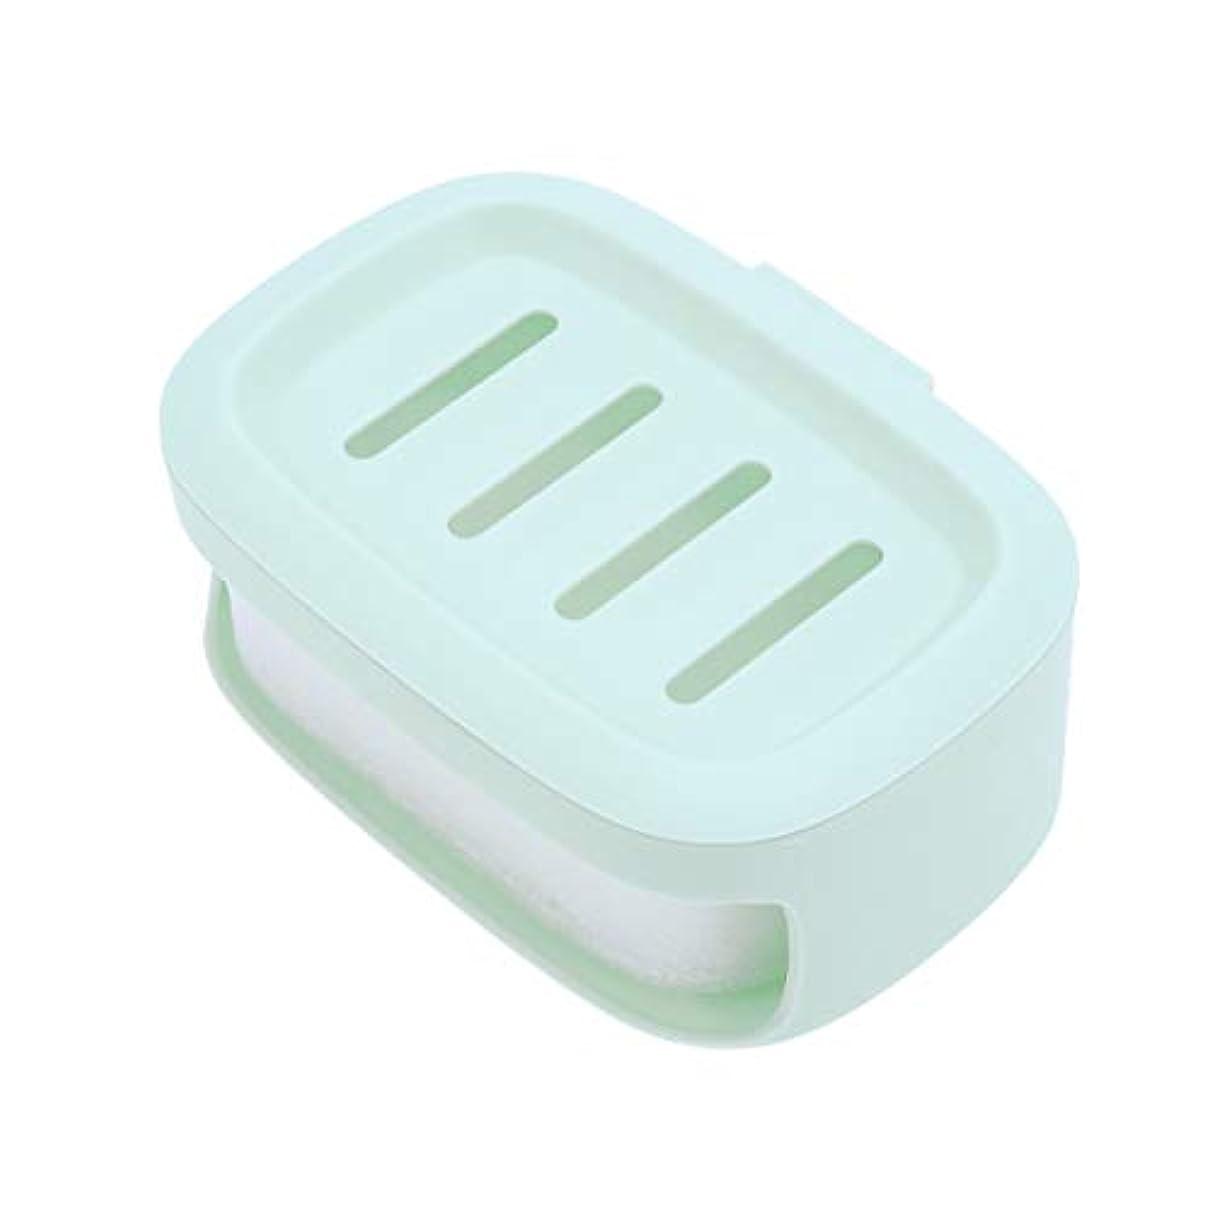 推測する最後の固めるHealifty ソープボックス防水シールソープコンテナソープホルダー(ライトグリーン)